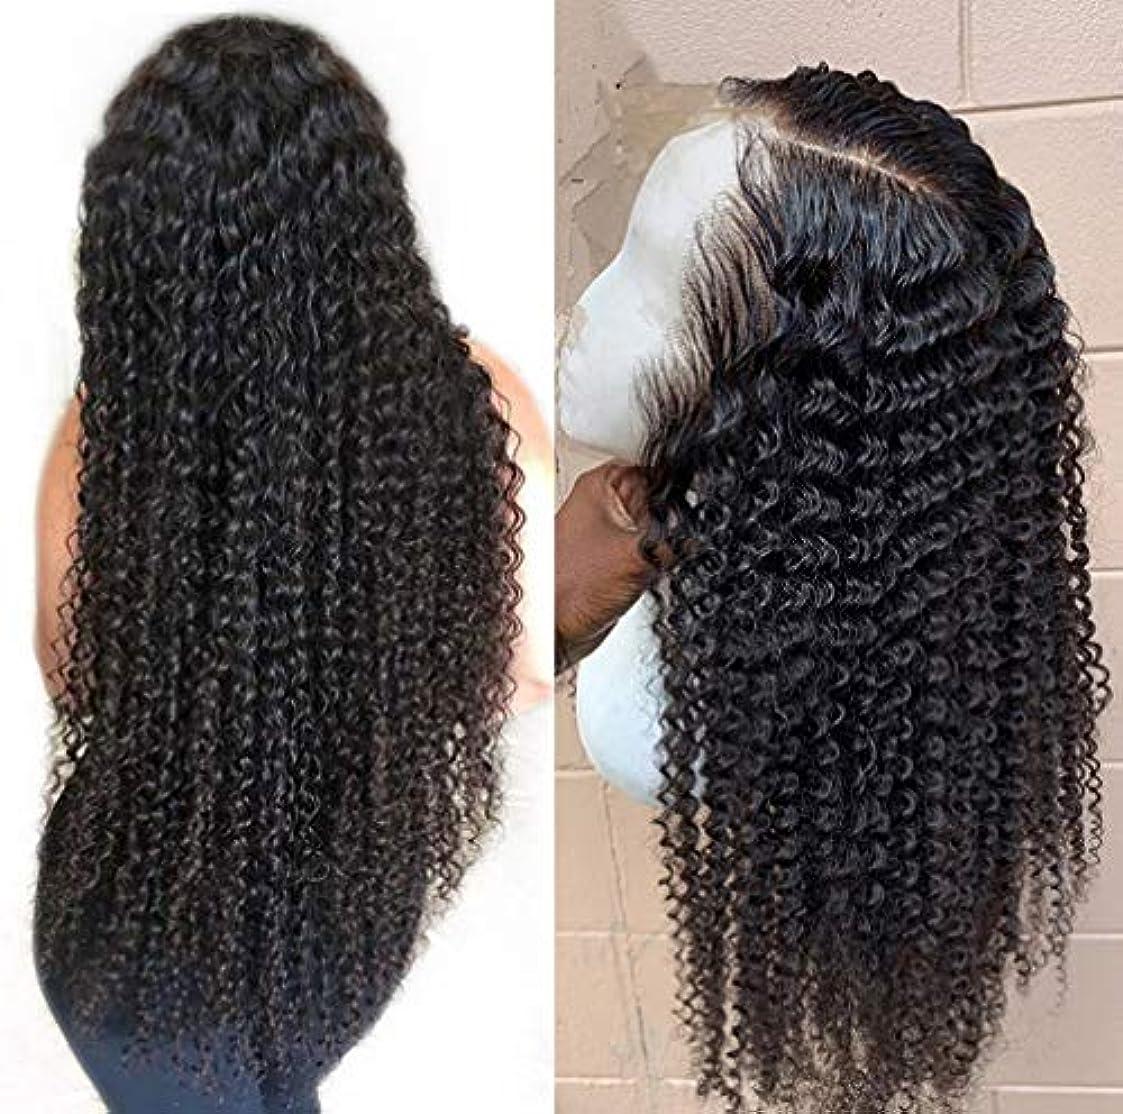 均等に掃く指女性13 * 6レースフロントかつらブラジル人間の髪水波ペルーバージン人間の髪調節可能なかつらベビーヘア